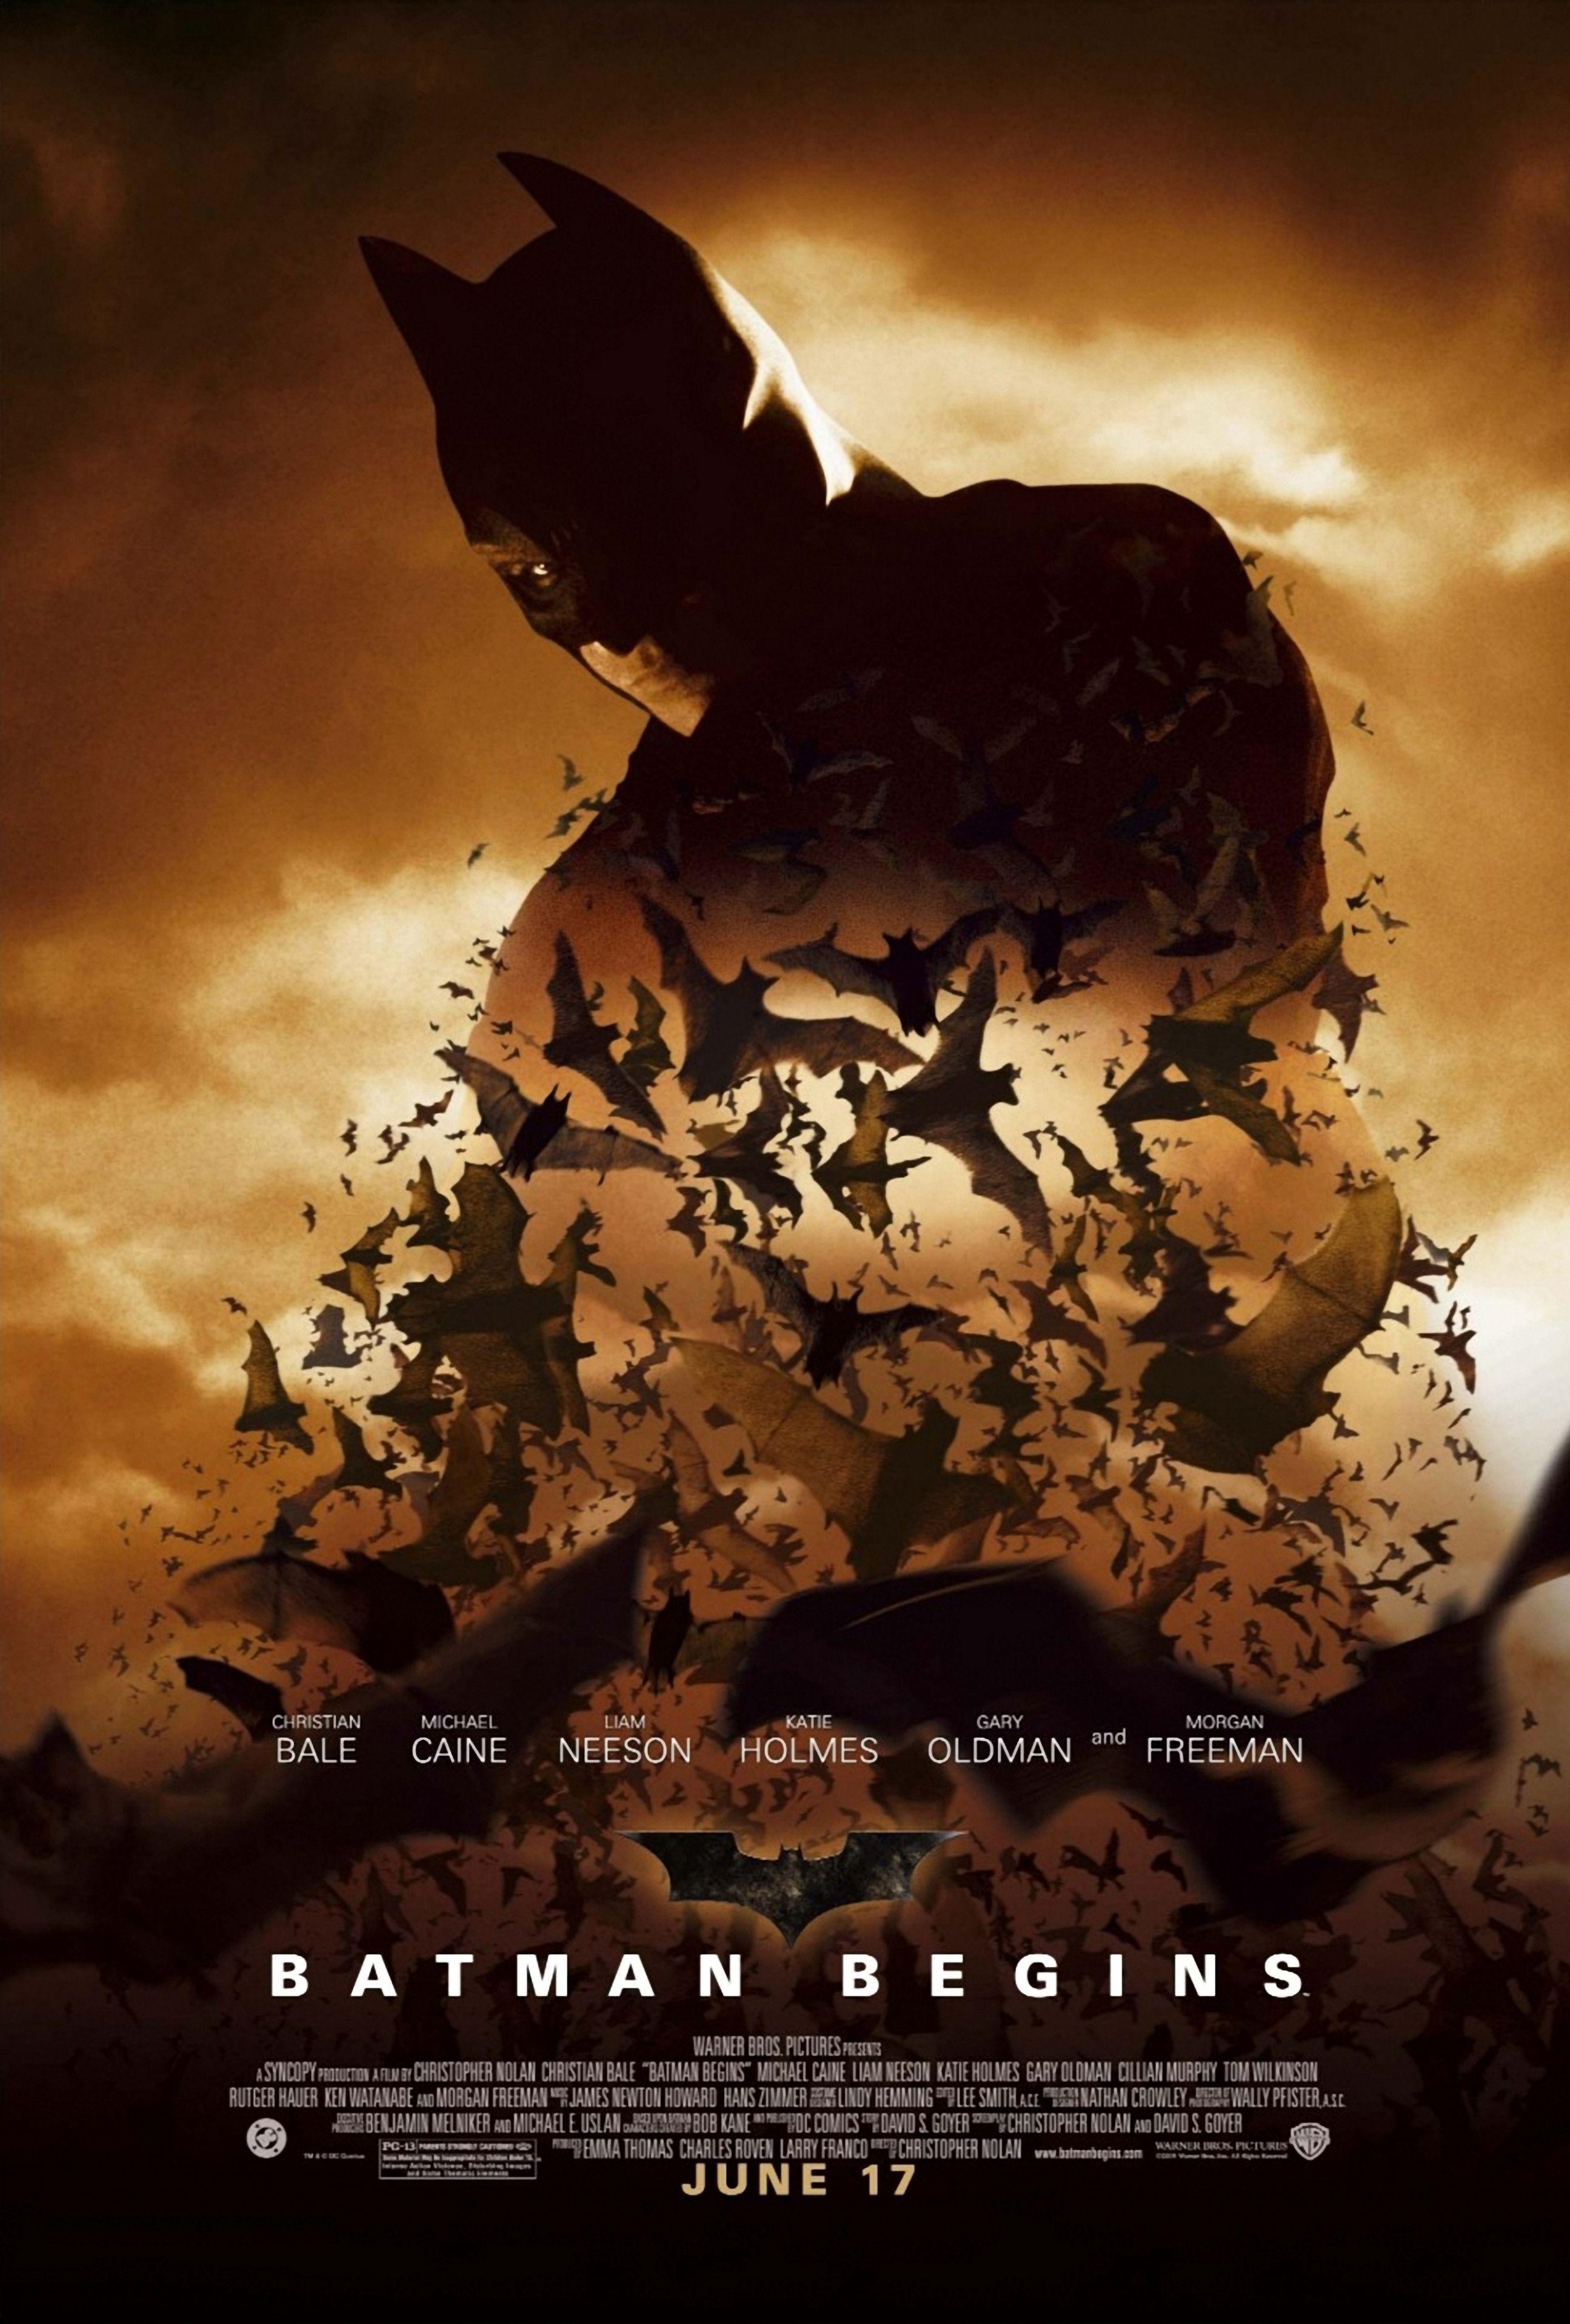 Batman Başlıyor – Batman Begins Türkçe Dublaj indir | 1080p DUAL | 2005